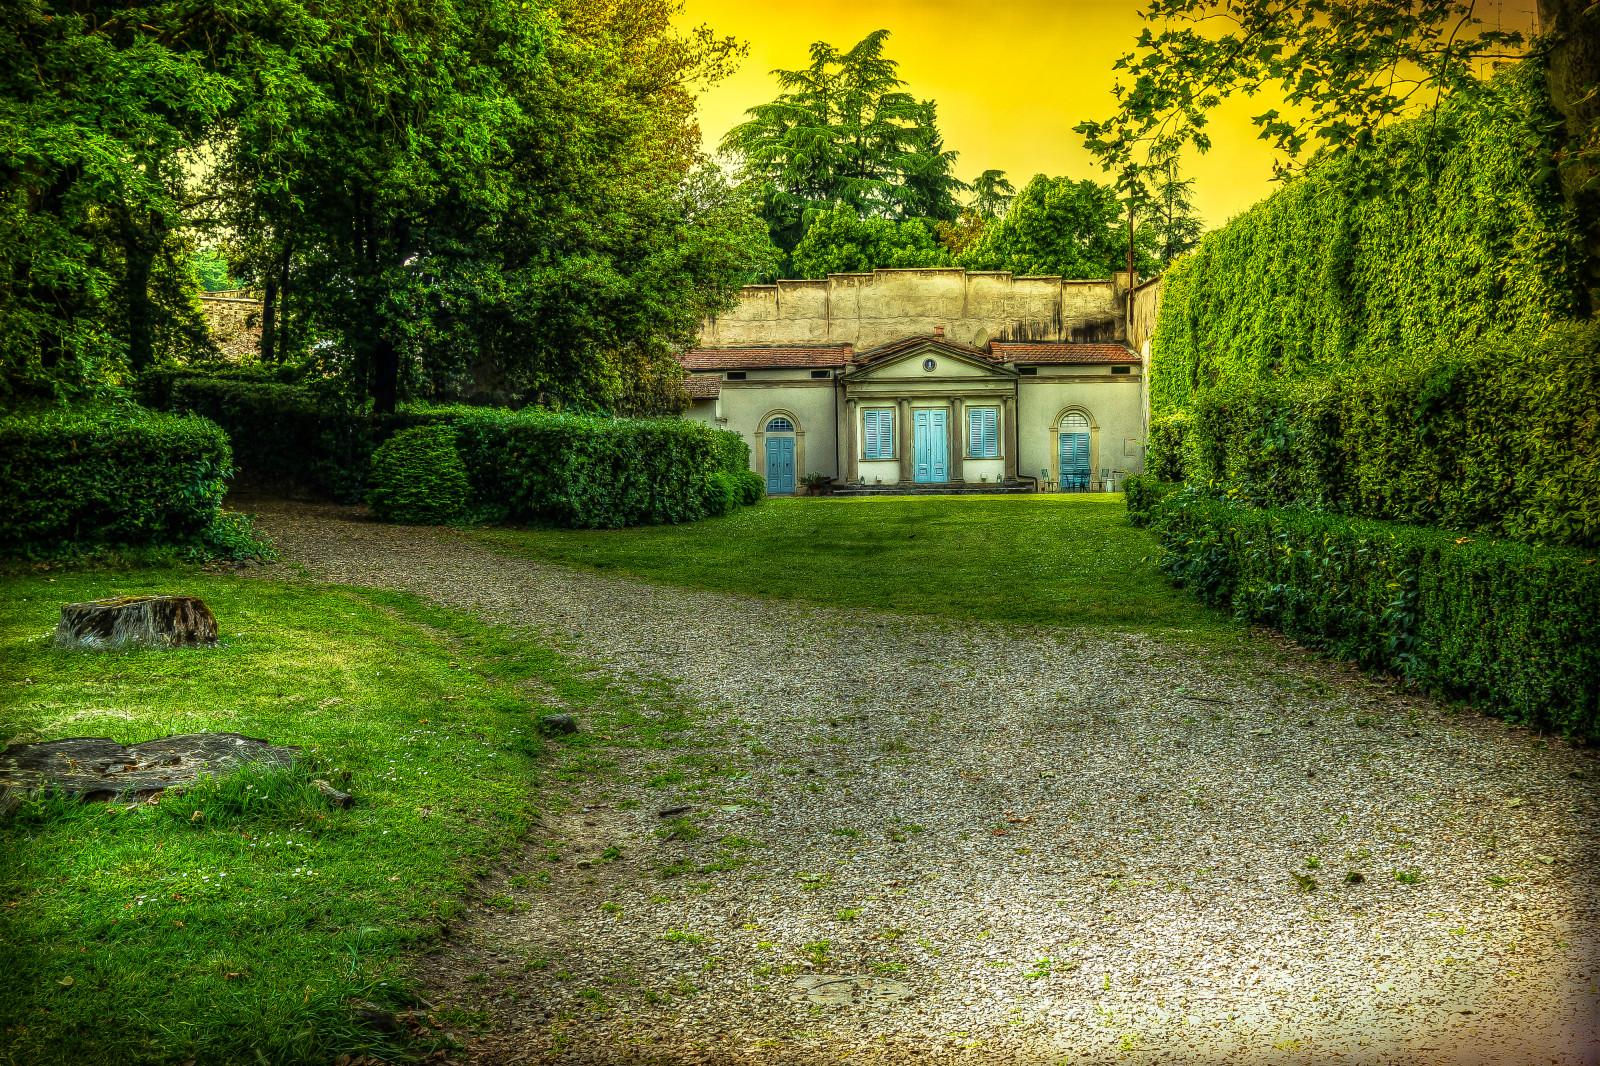 Sfondi luce del sole paesaggio giardino architettura for Planimetrie del cottage del cortile